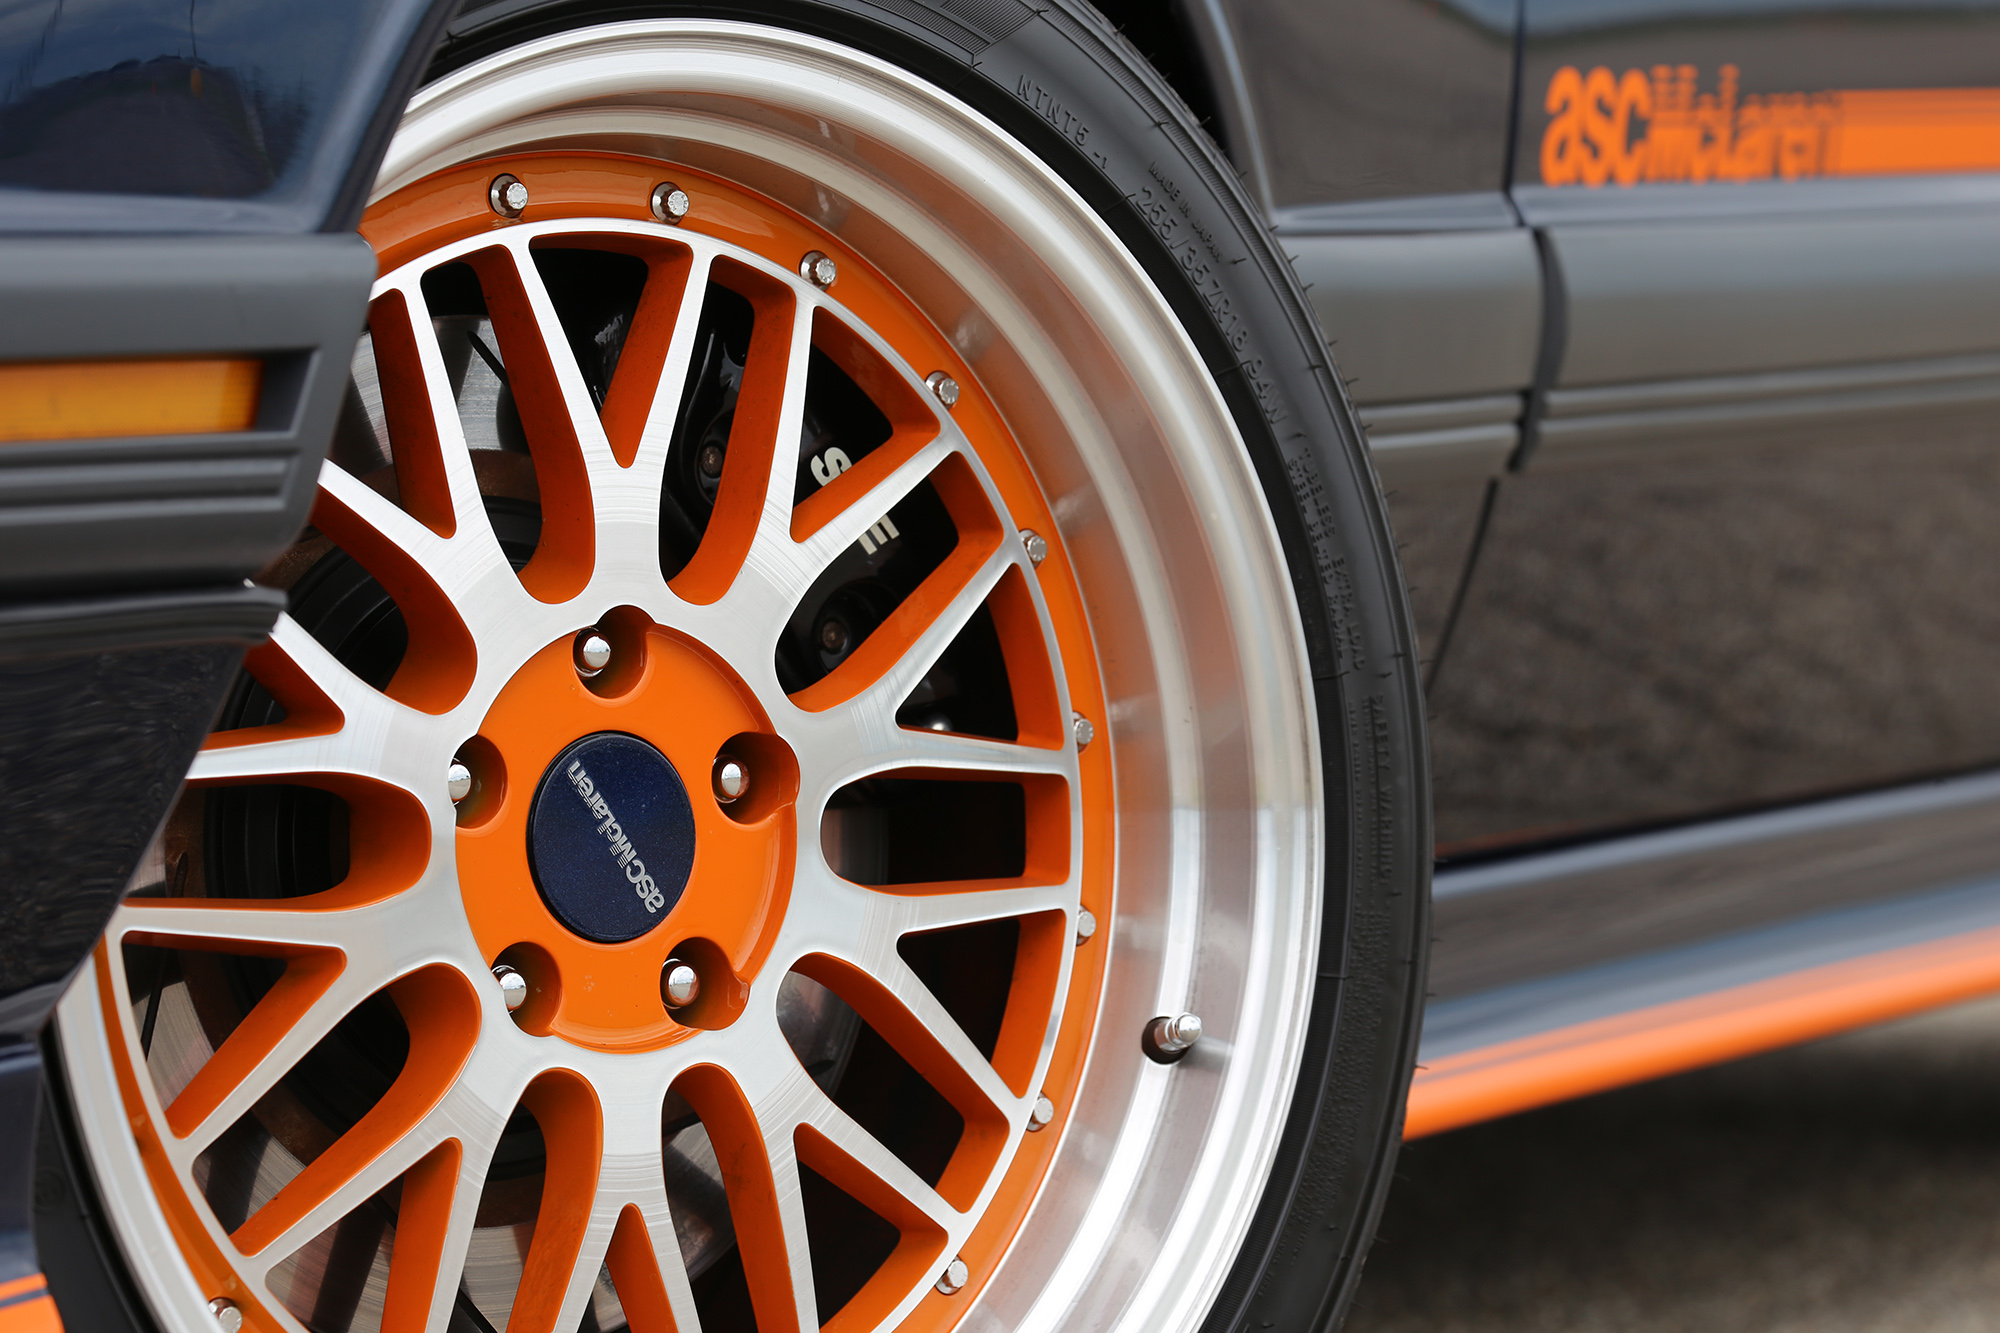 1985 ASC McLaren Wheel